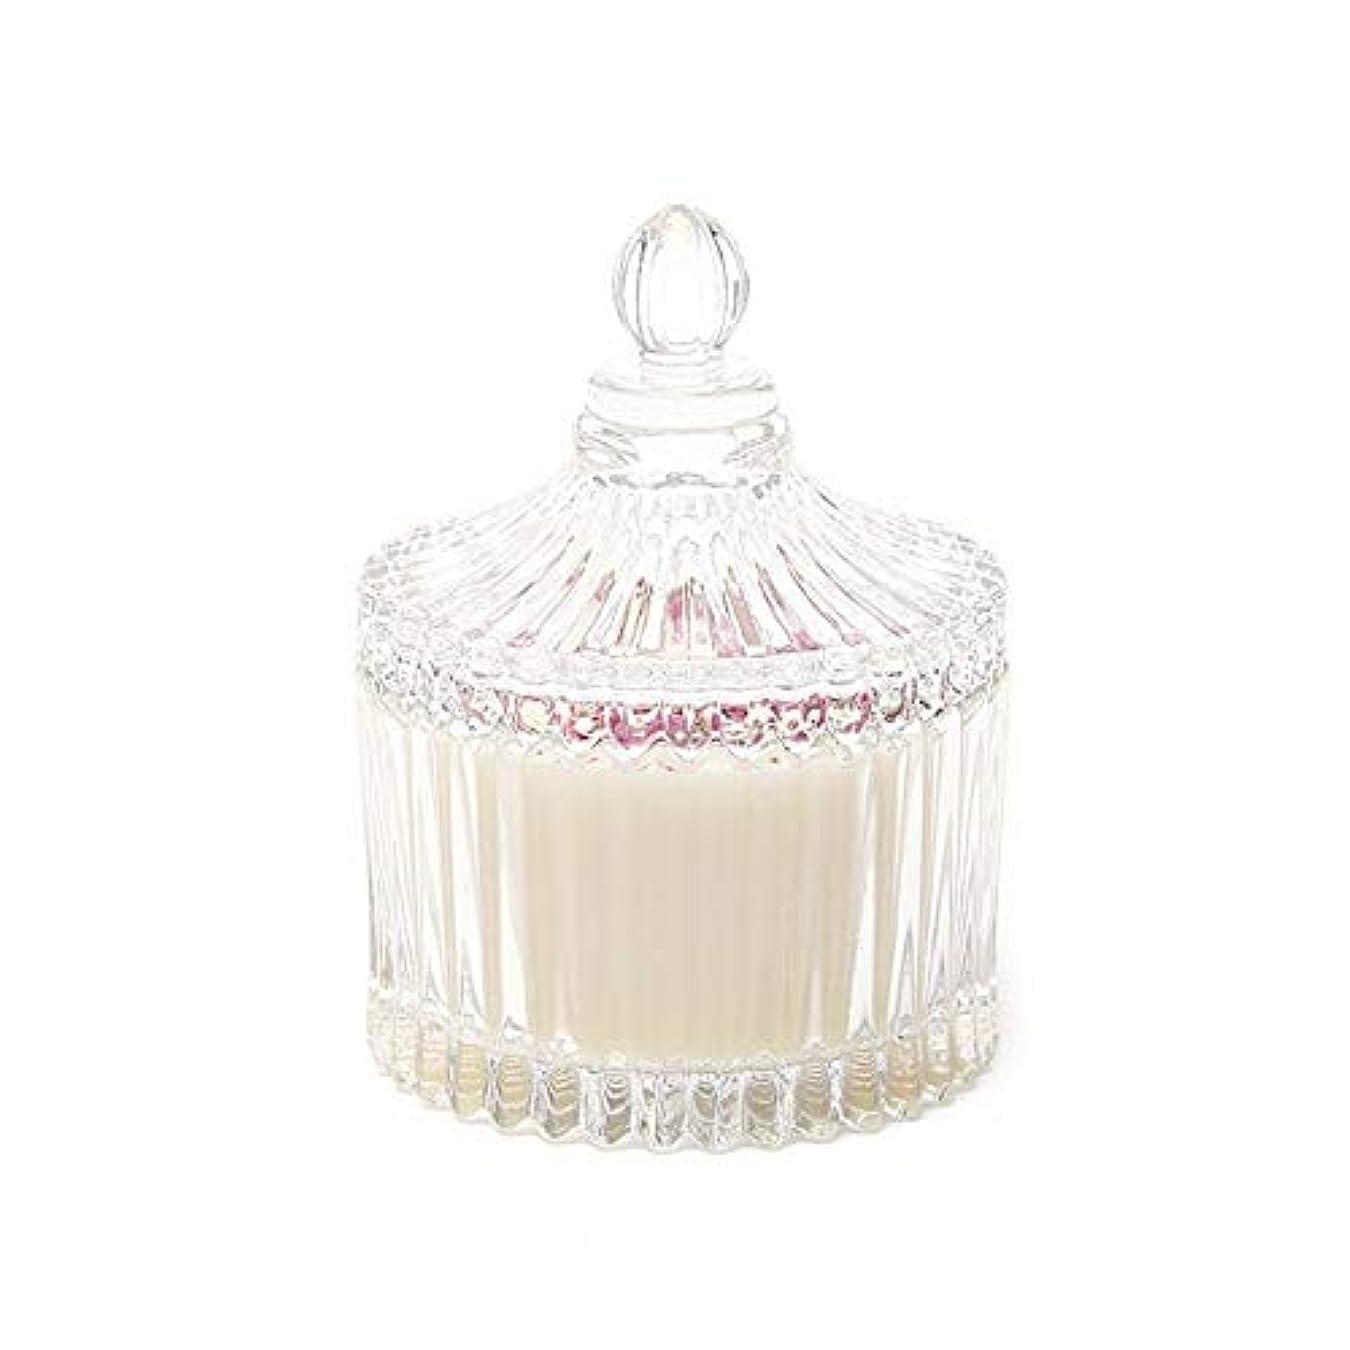 多様なスチュワード主人Ztian ピンクの花パオ単純なガラスボトルアロマセラピーガラスカップは無毒で環境に優しい (色 : Blackberries)